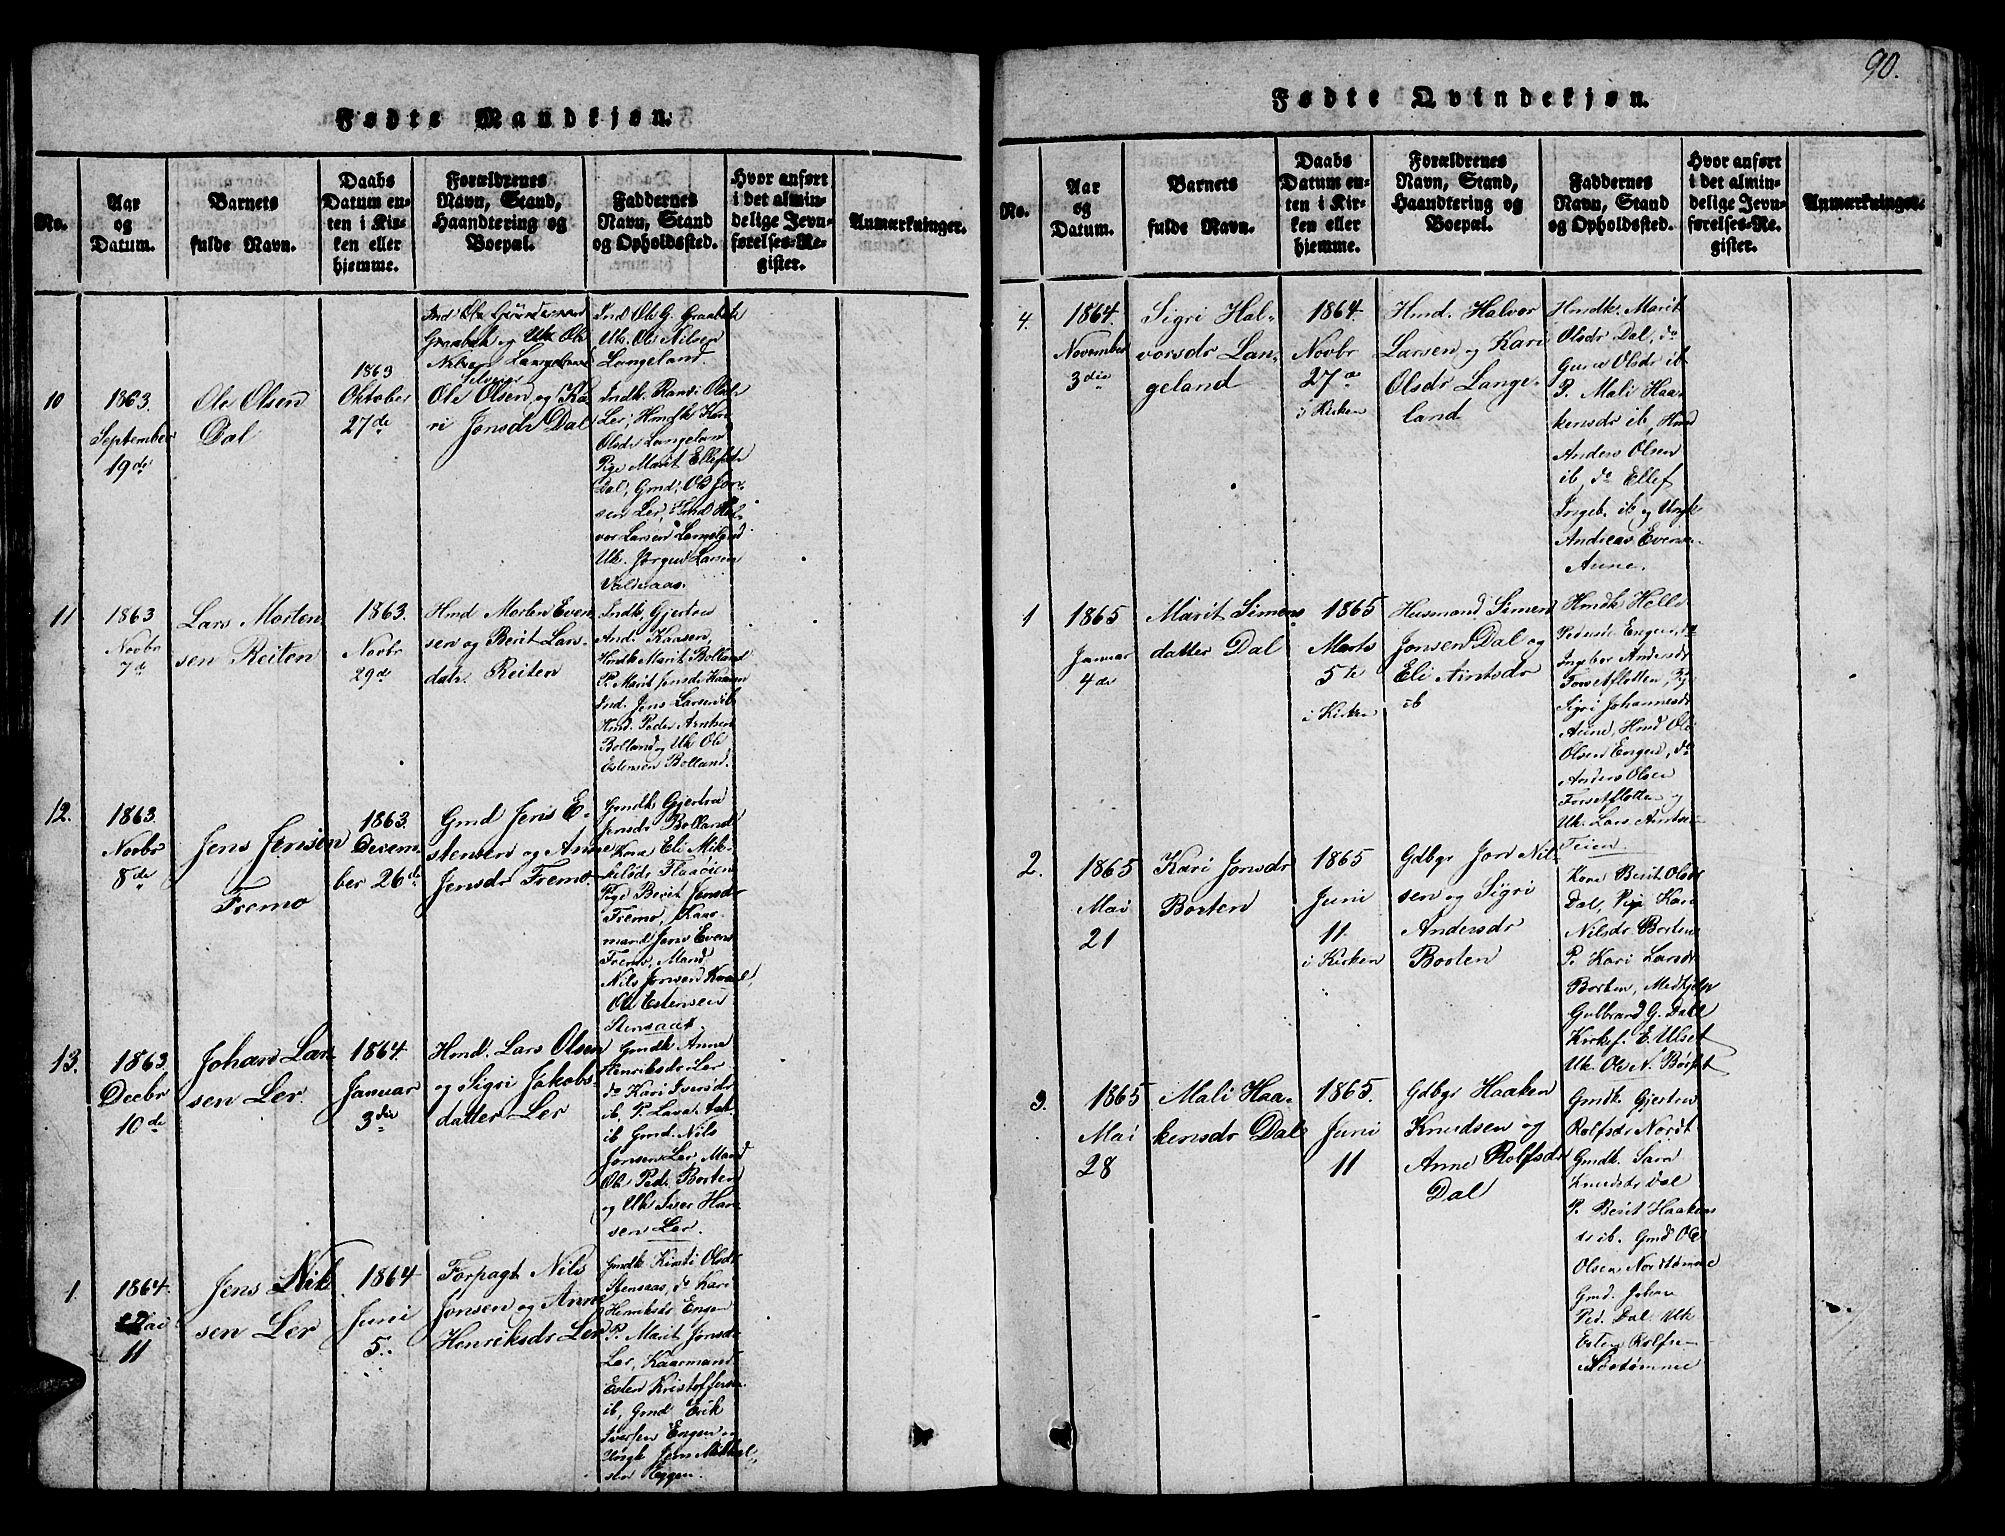 SAT, Ministerialprotokoller, klokkerbøker og fødselsregistre - Sør-Trøndelag, 693/L1121: Klokkerbok nr. 693C02, 1816-1869, s. 90